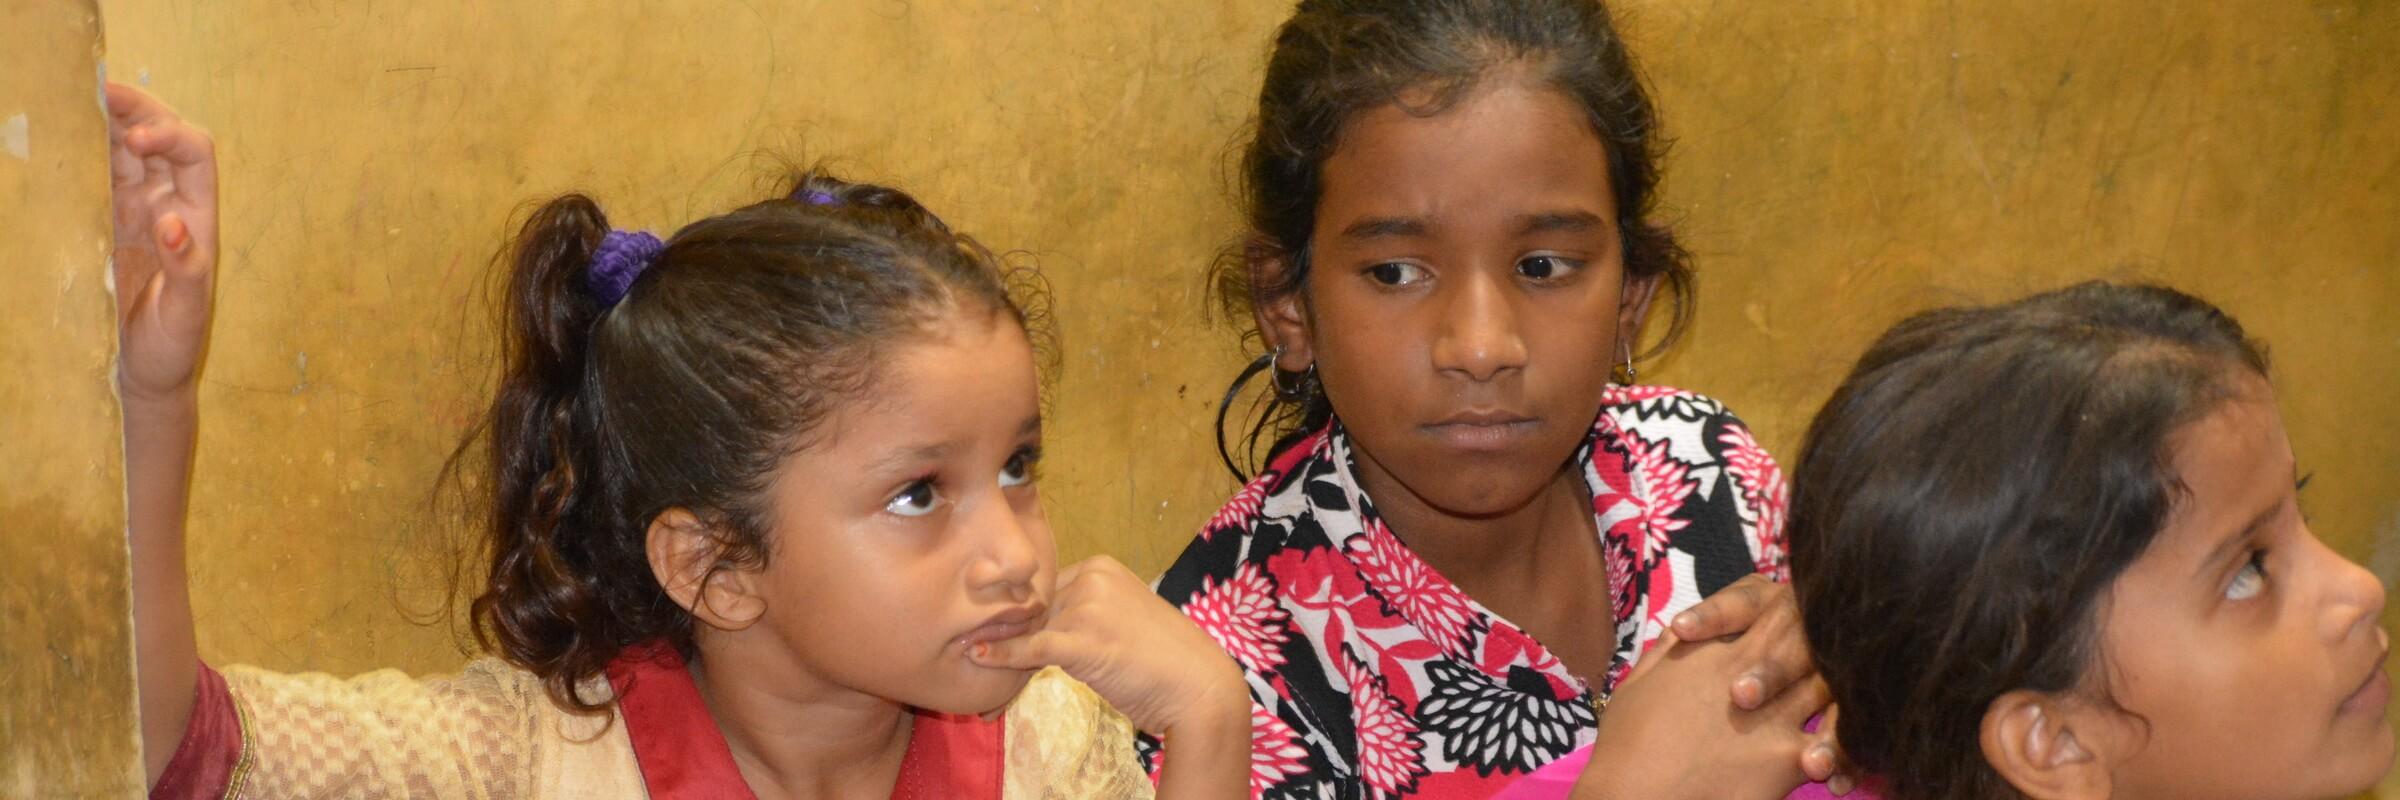 Während der Nordindien Reise besuchen Sie ein Projekt das sich um benachteiligte Kinder kümmert